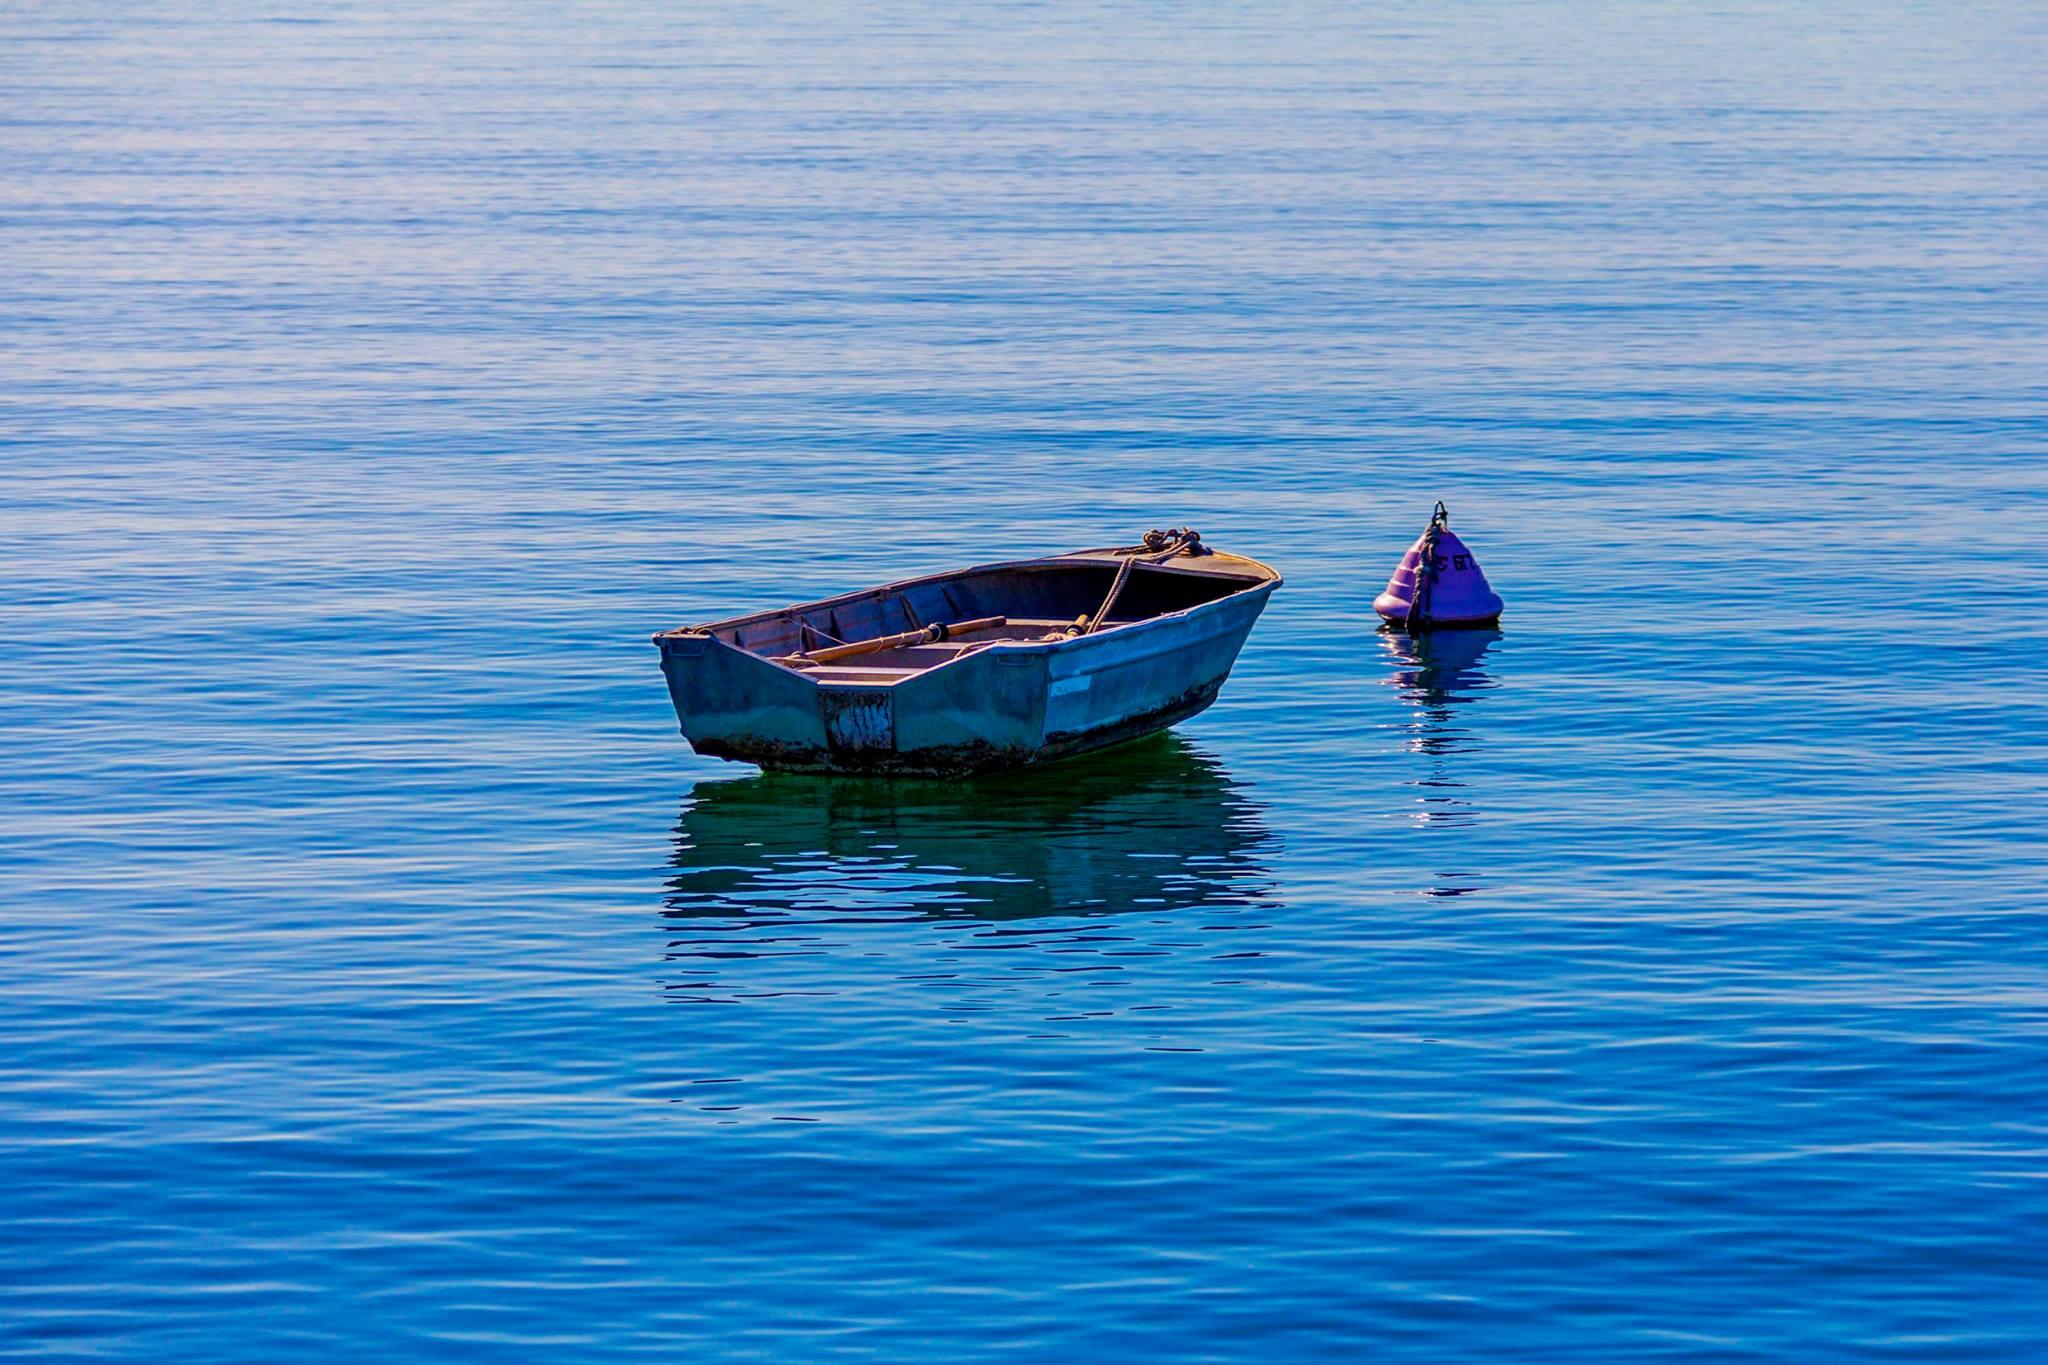 Amanda boat stillness